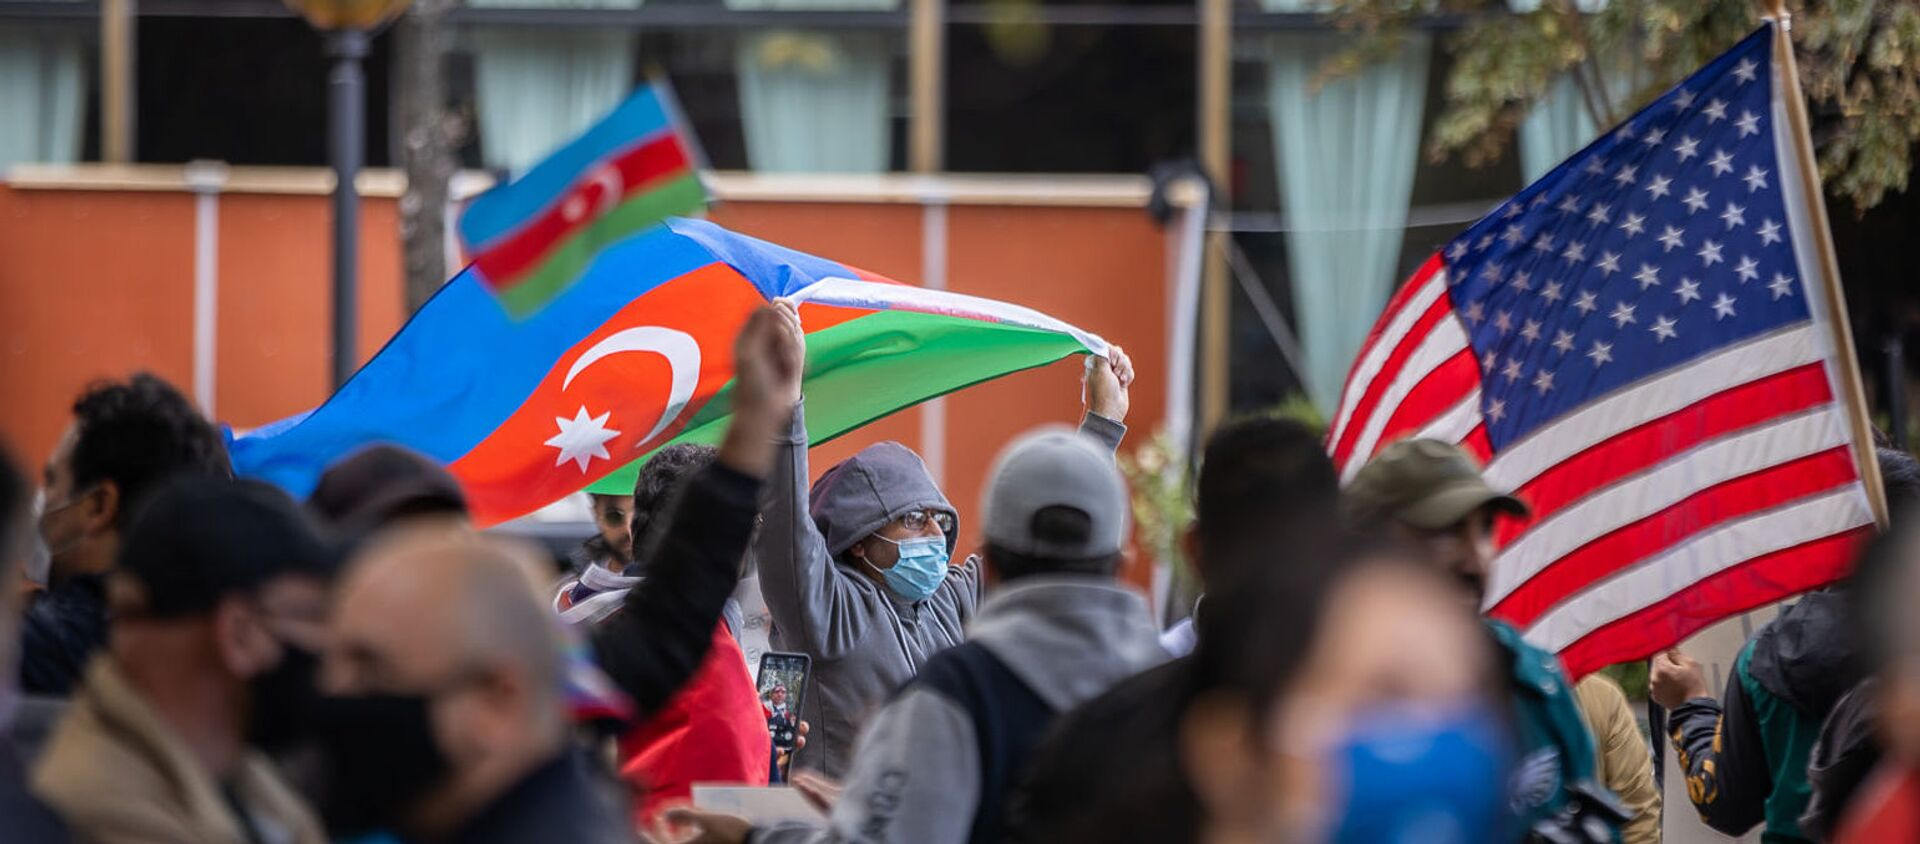 Акция в поддержку Азербайджана в Нью Йорке - Sputnik Азербайджан, 1920, 22.01.2021